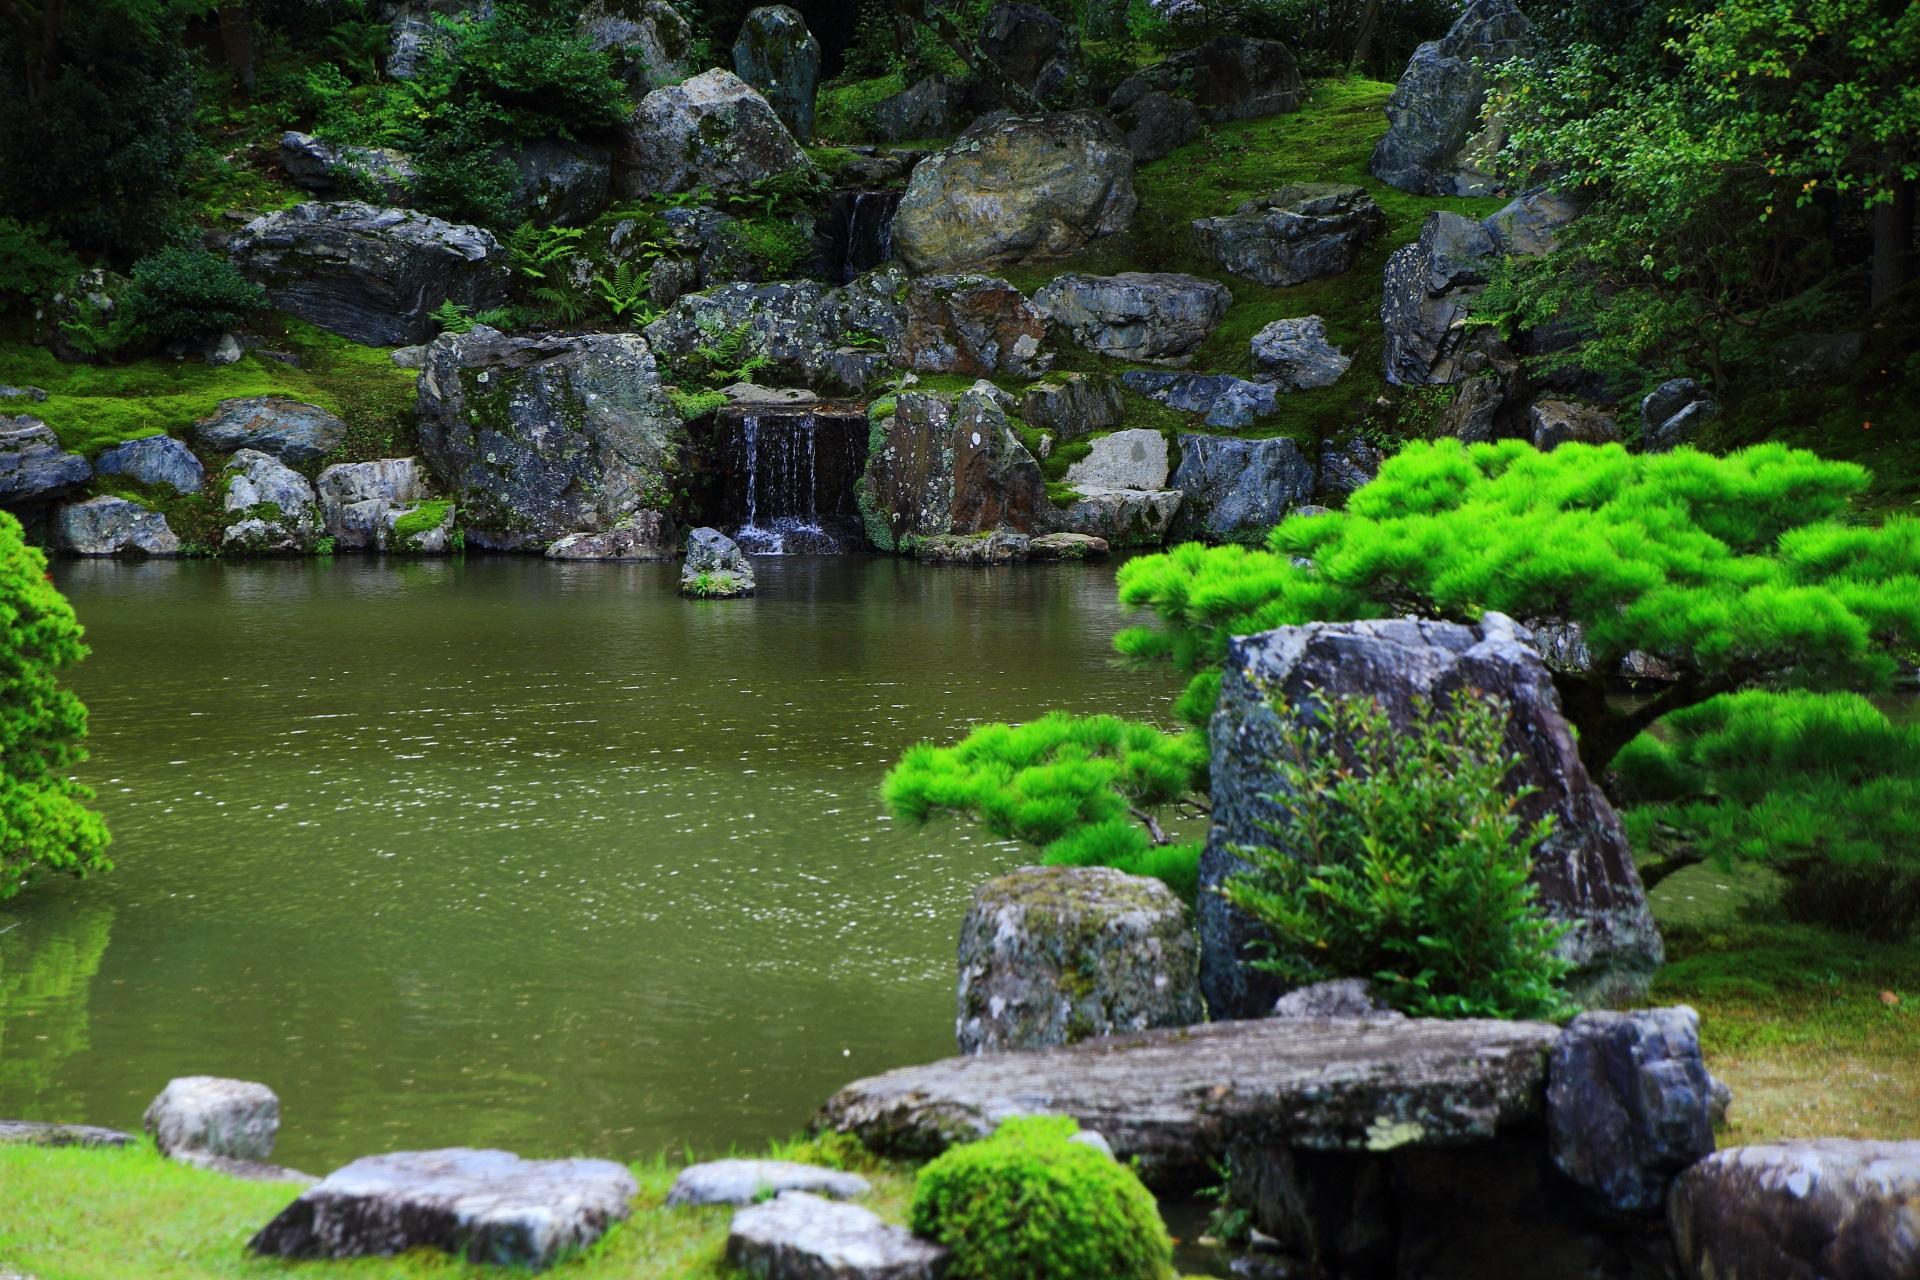 三宝院庭園の三段の滝と力意強い岩